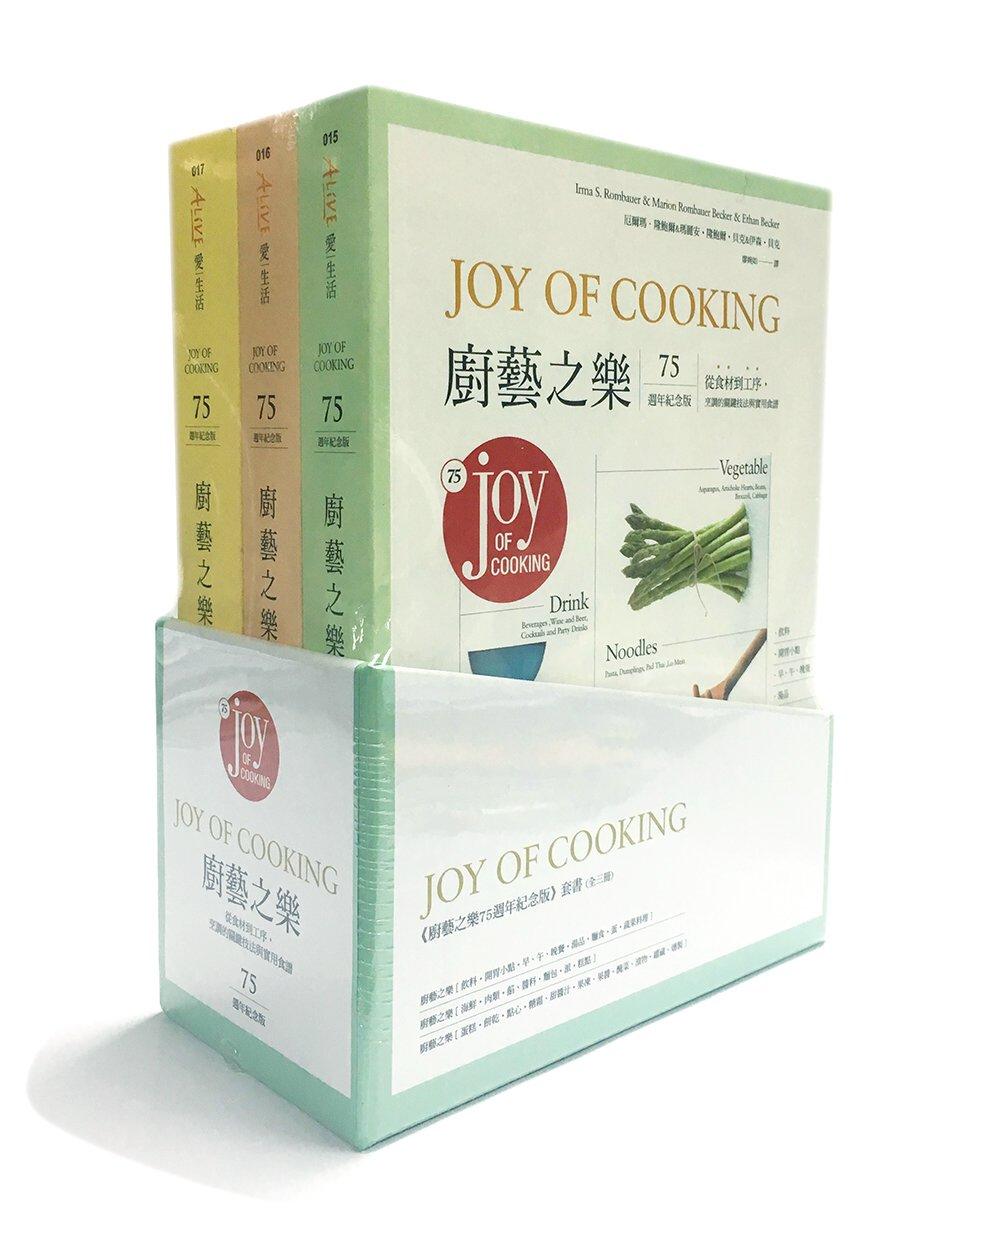 《廚藝之樂75週年紀念版》套書(全三冊,限量版含好學網瘋食課課程5折折價券)